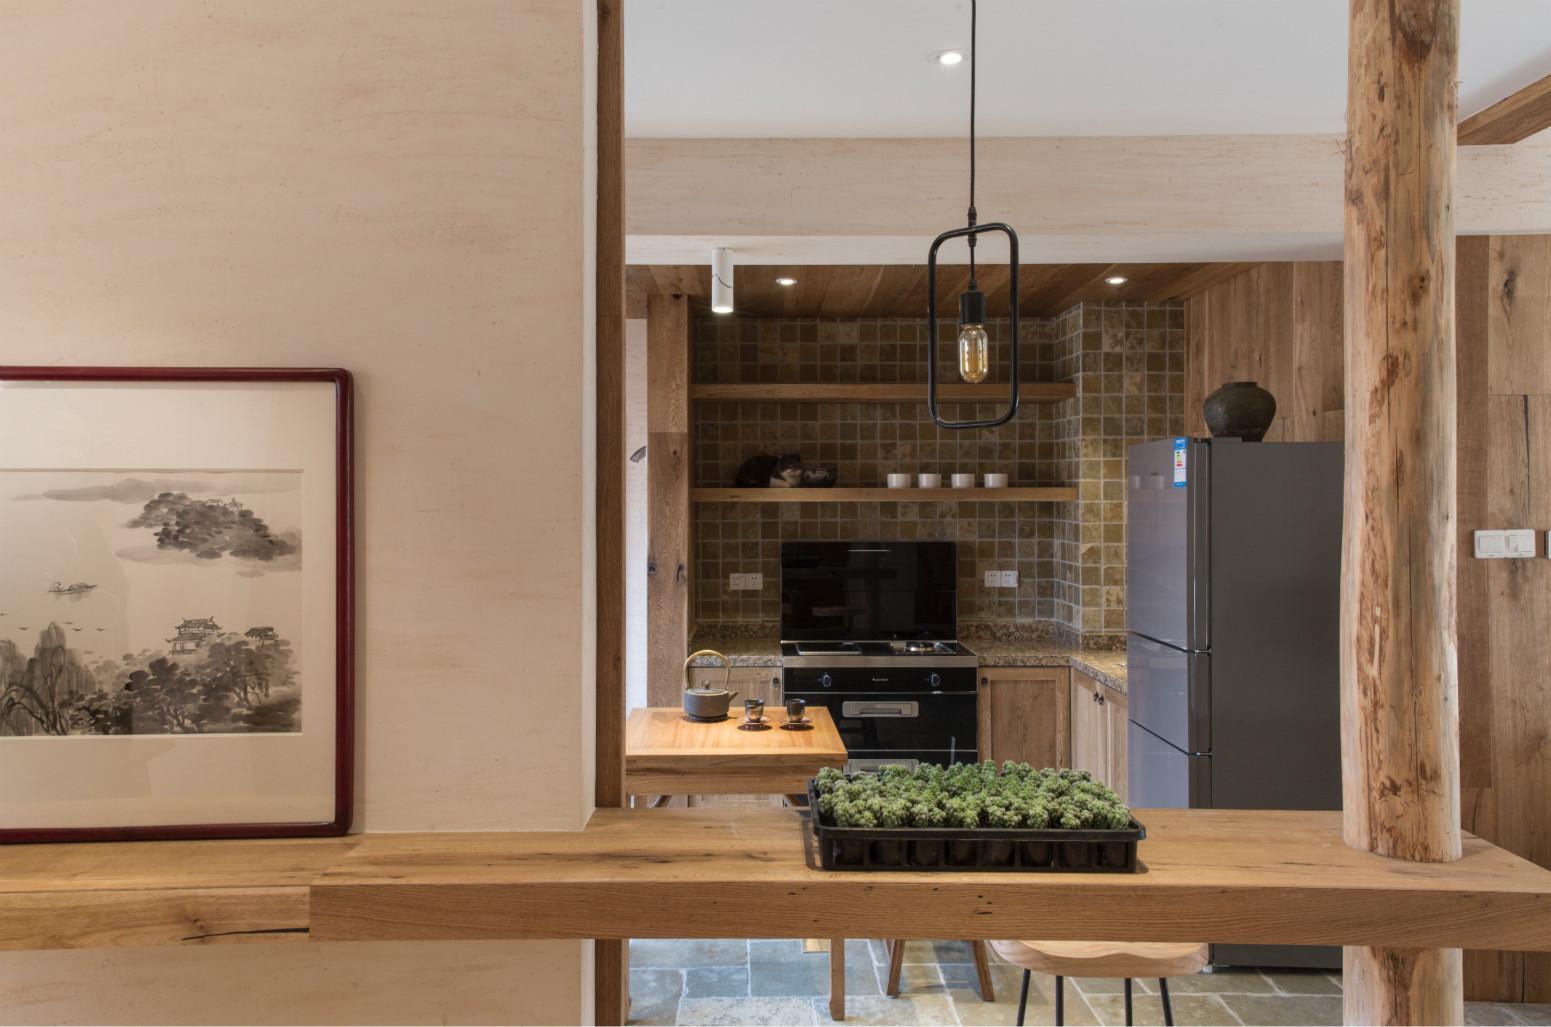 餐厅,餐厅只占用一小片空间,一张原木的餐桌子,还有一盏吊灯,一点多余的东西都没有,简约又实用